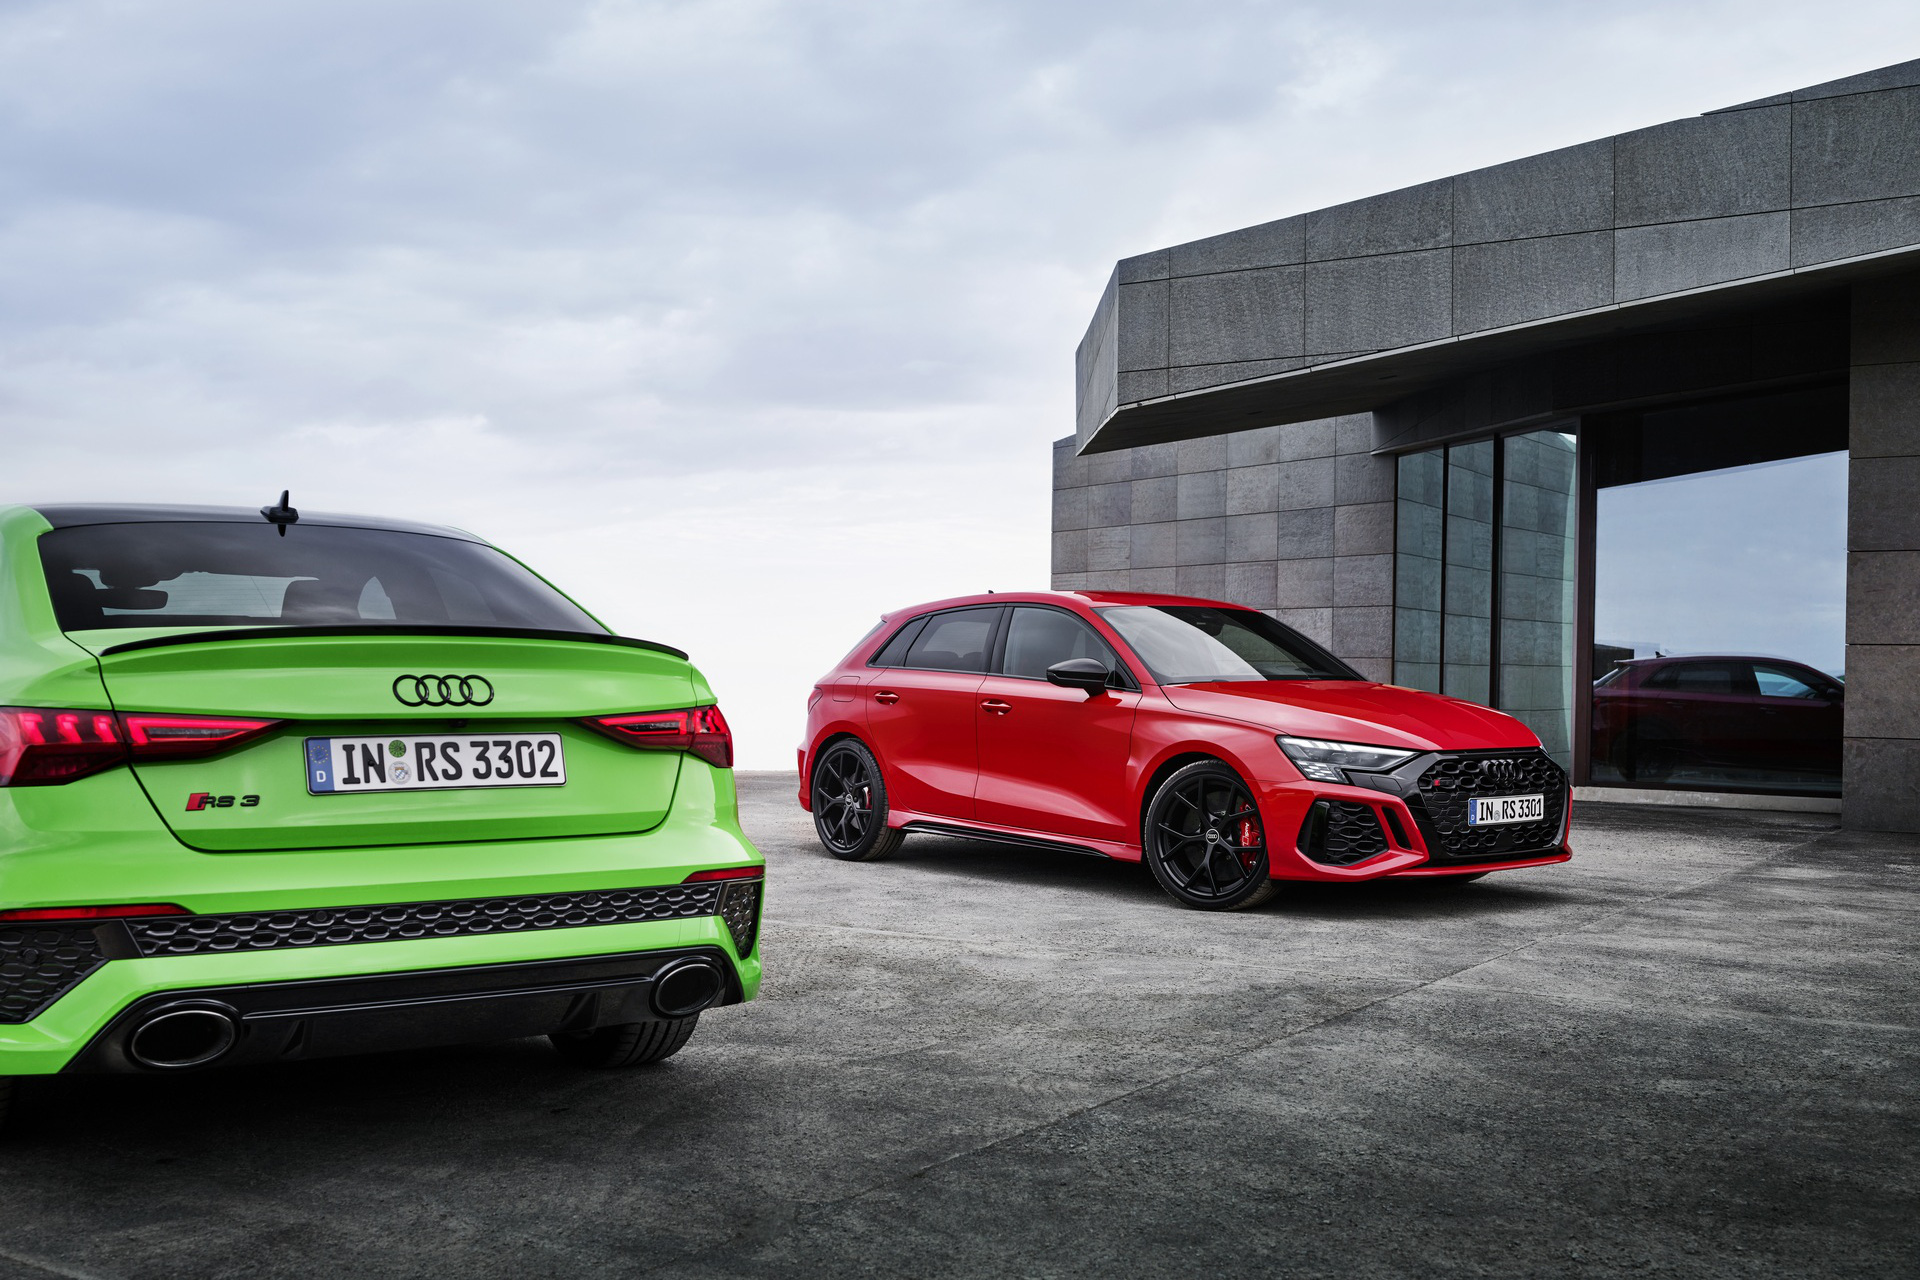 Ống xả fake đẹp quá, Audi phũ phàng photoshop xoá luôn cả ống xả thật trong bộ ảnh xe mới ra mắt